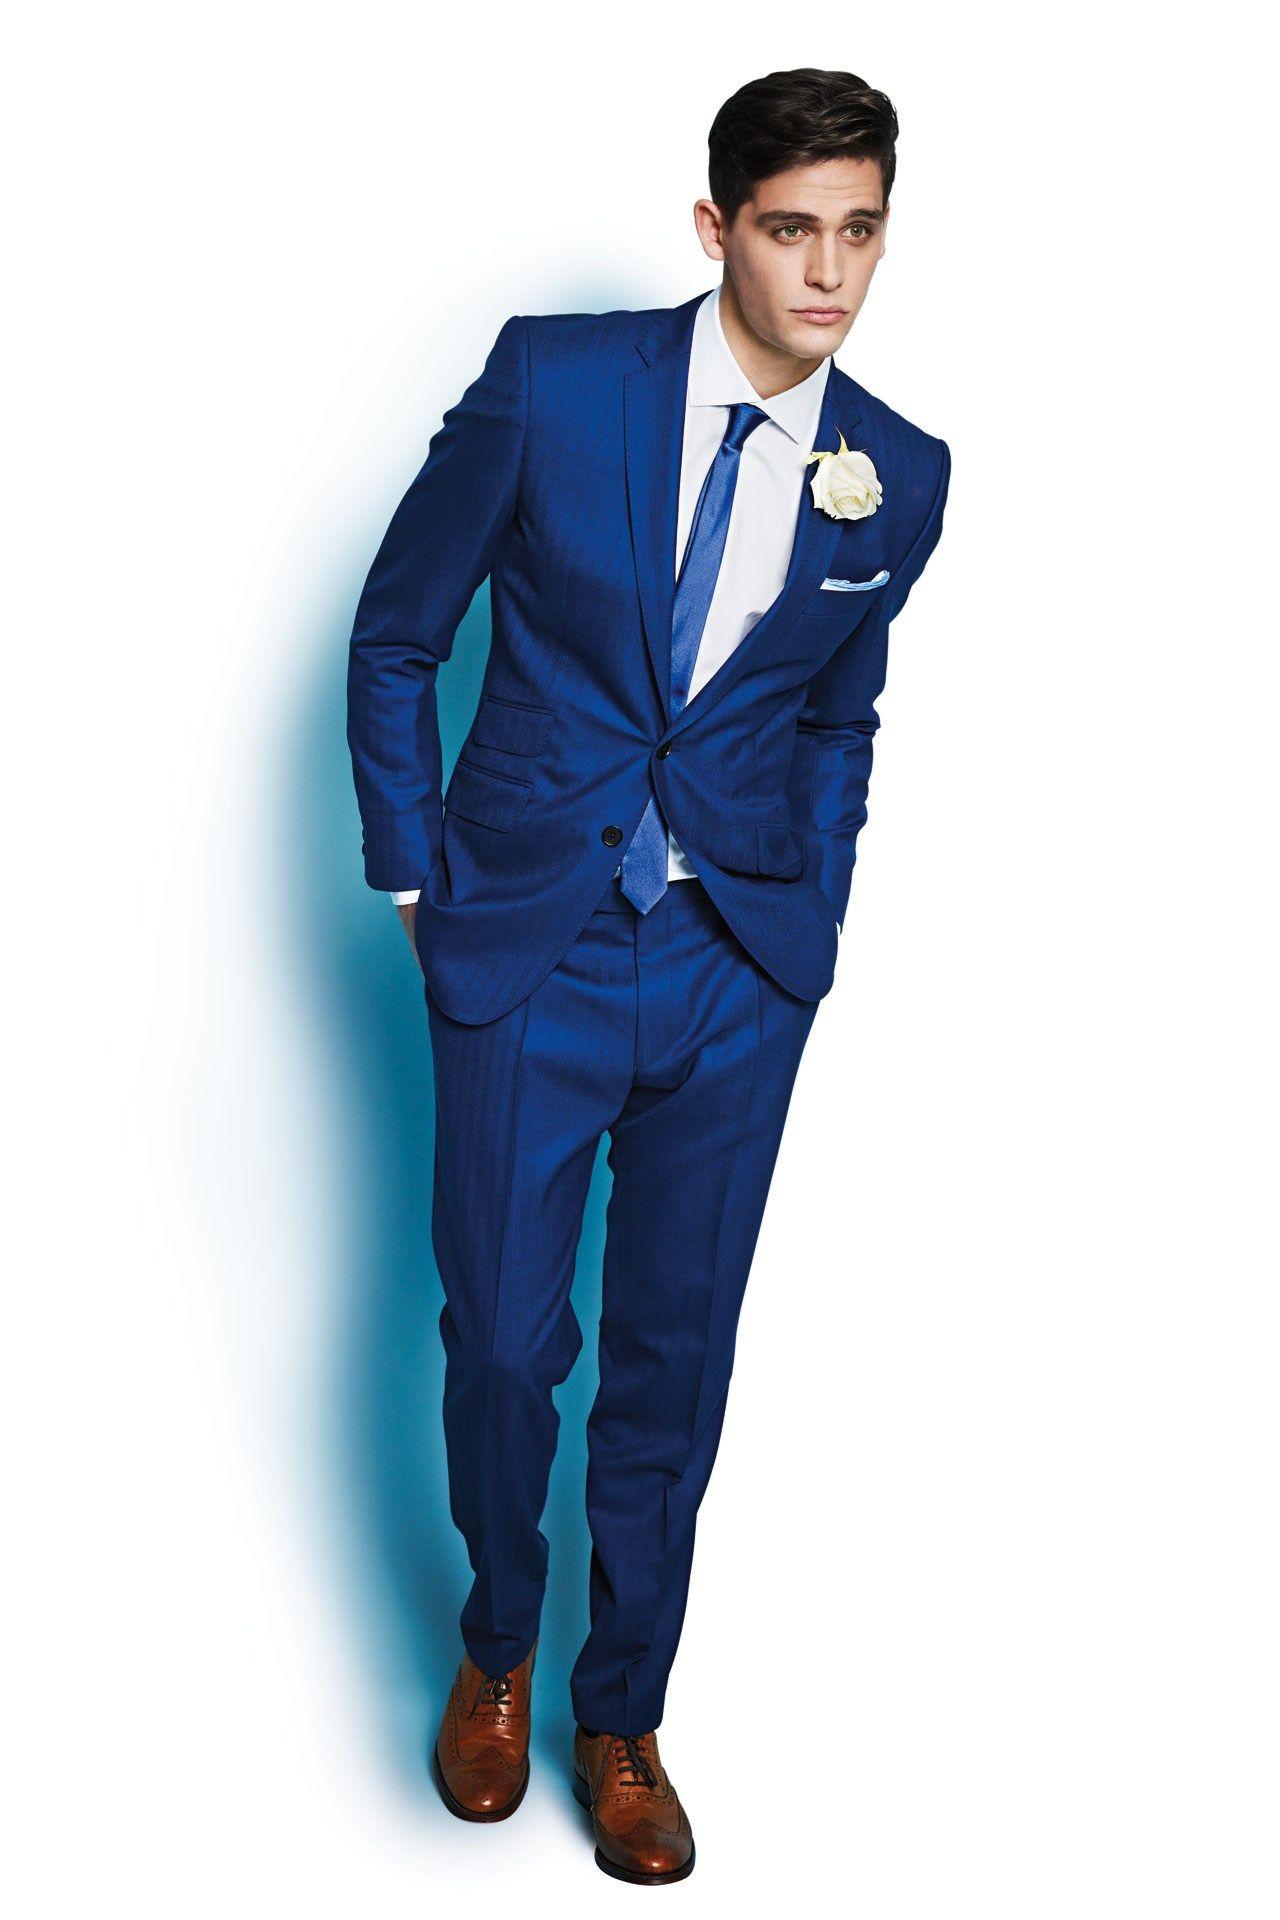 Best Men's Wedding & Morning Suits (BridesMagazine.co.uk